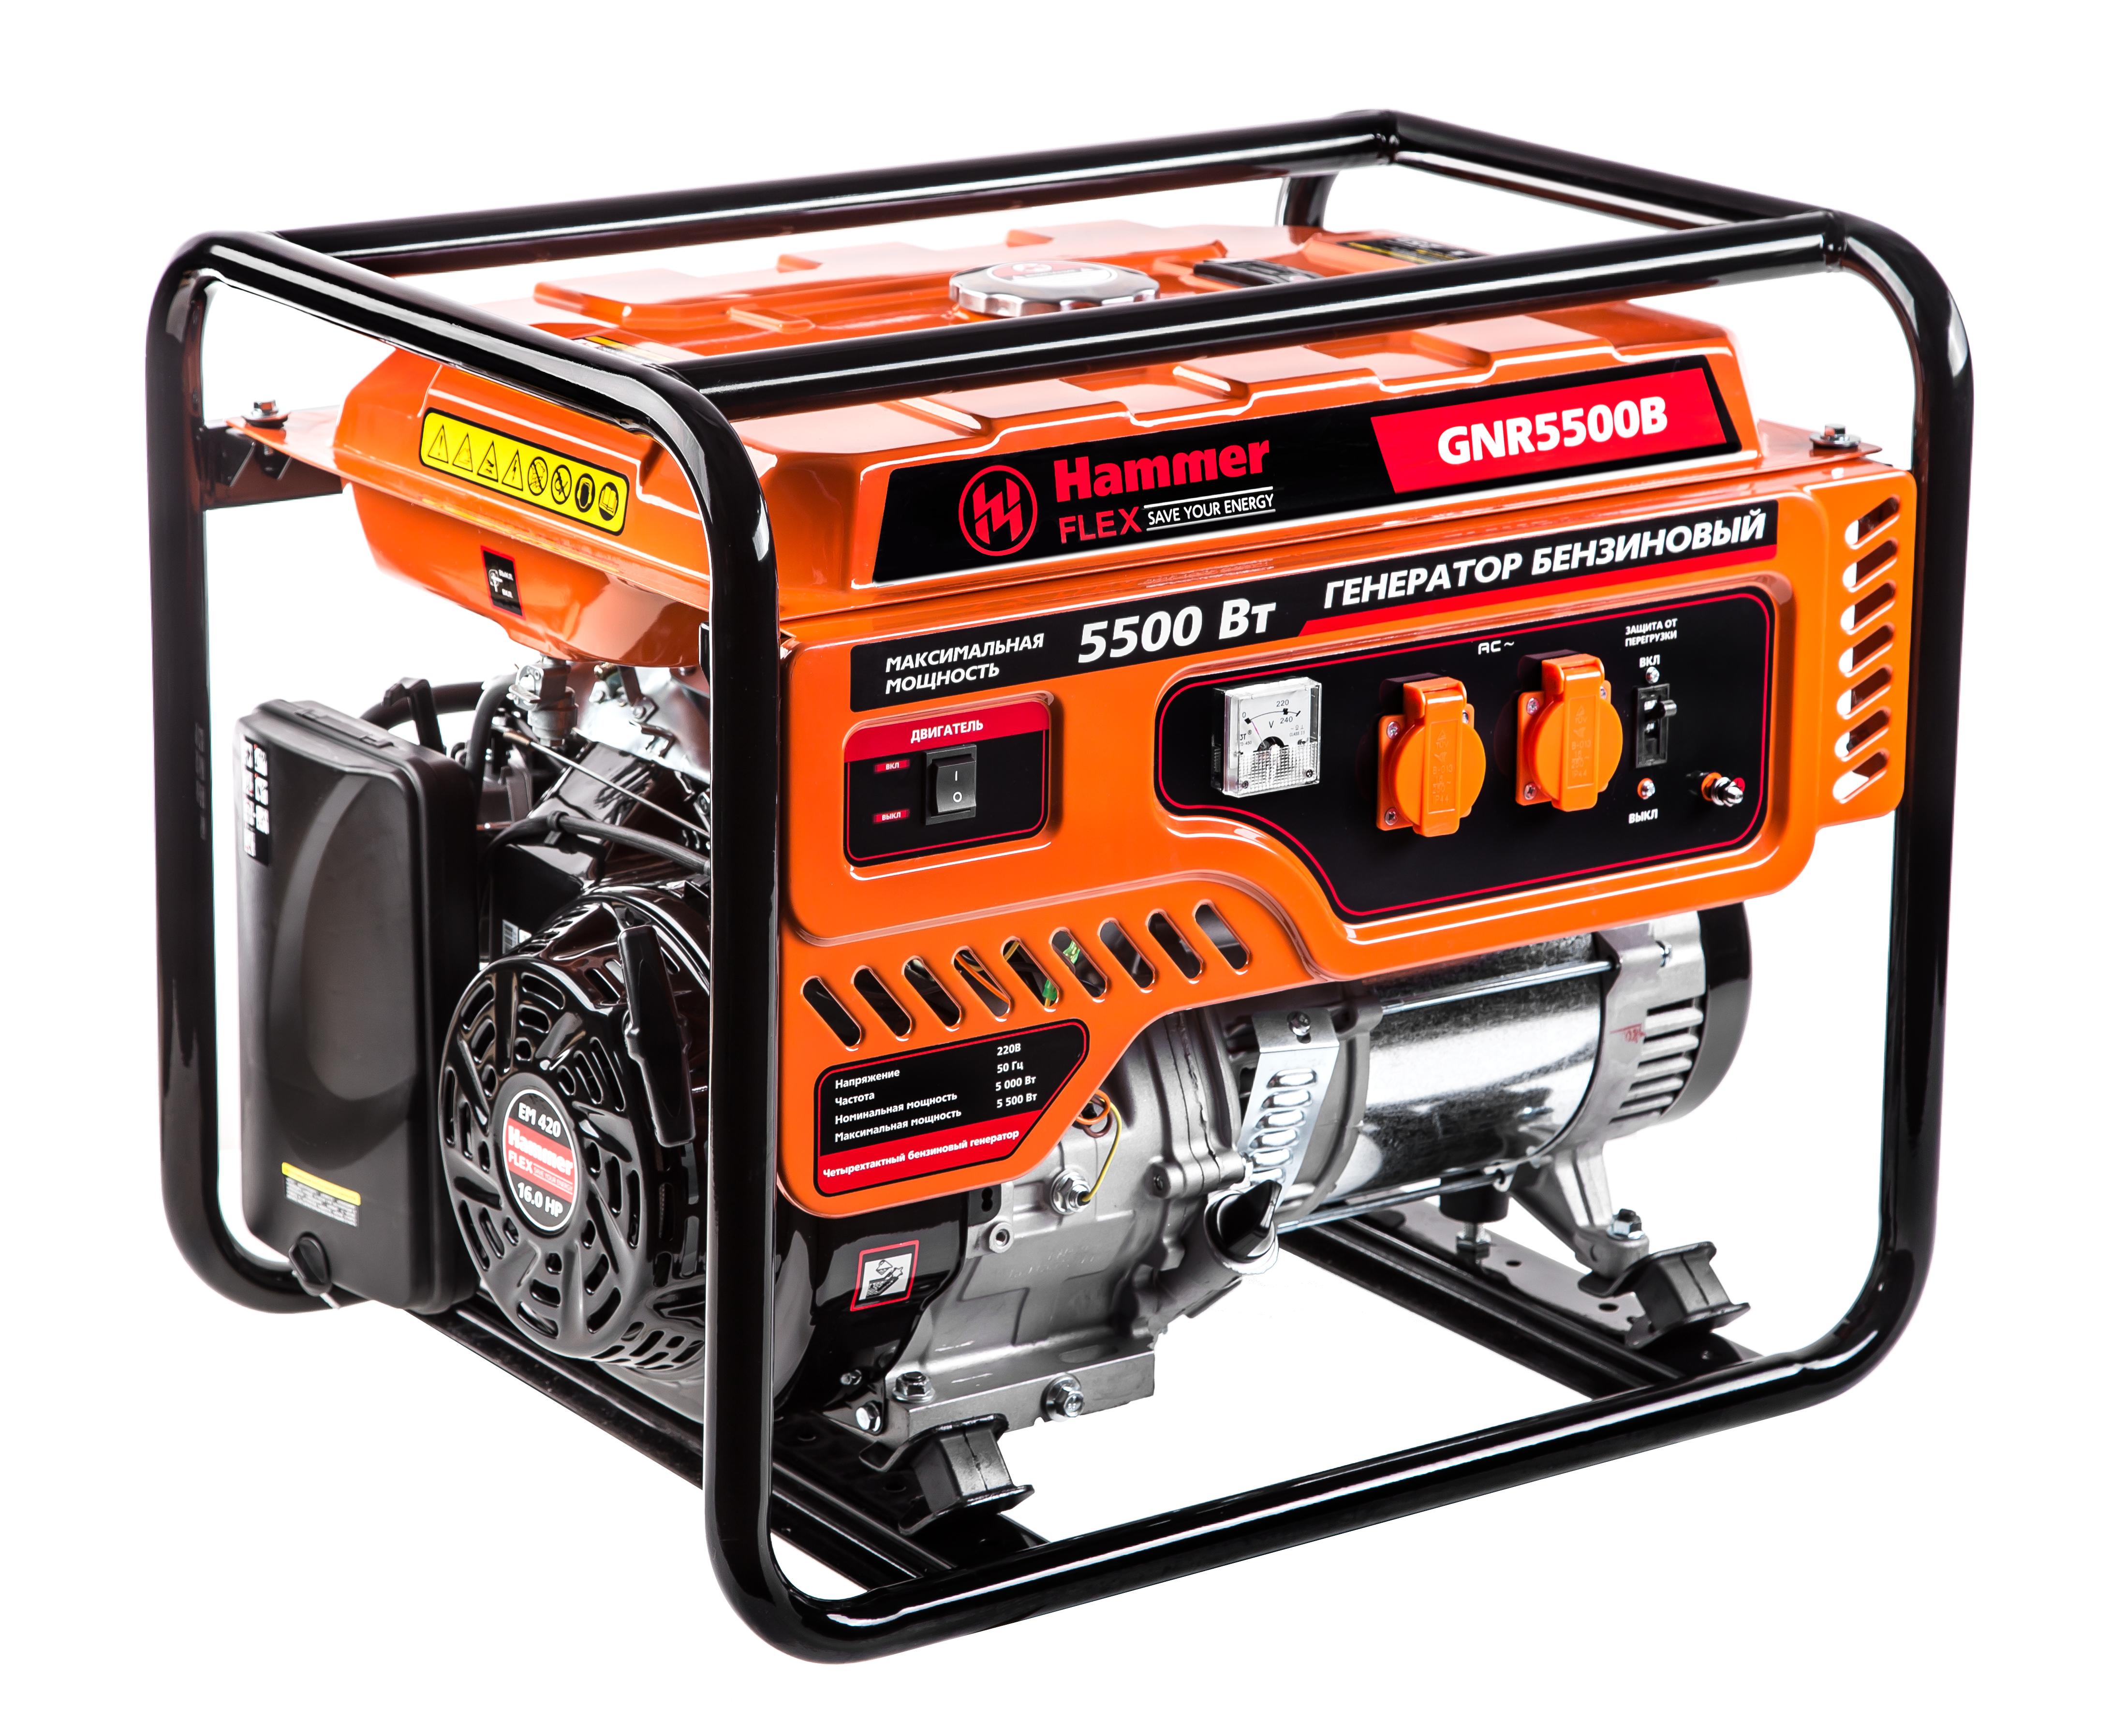 Бензиновый генератор Hammer Gnr5500b